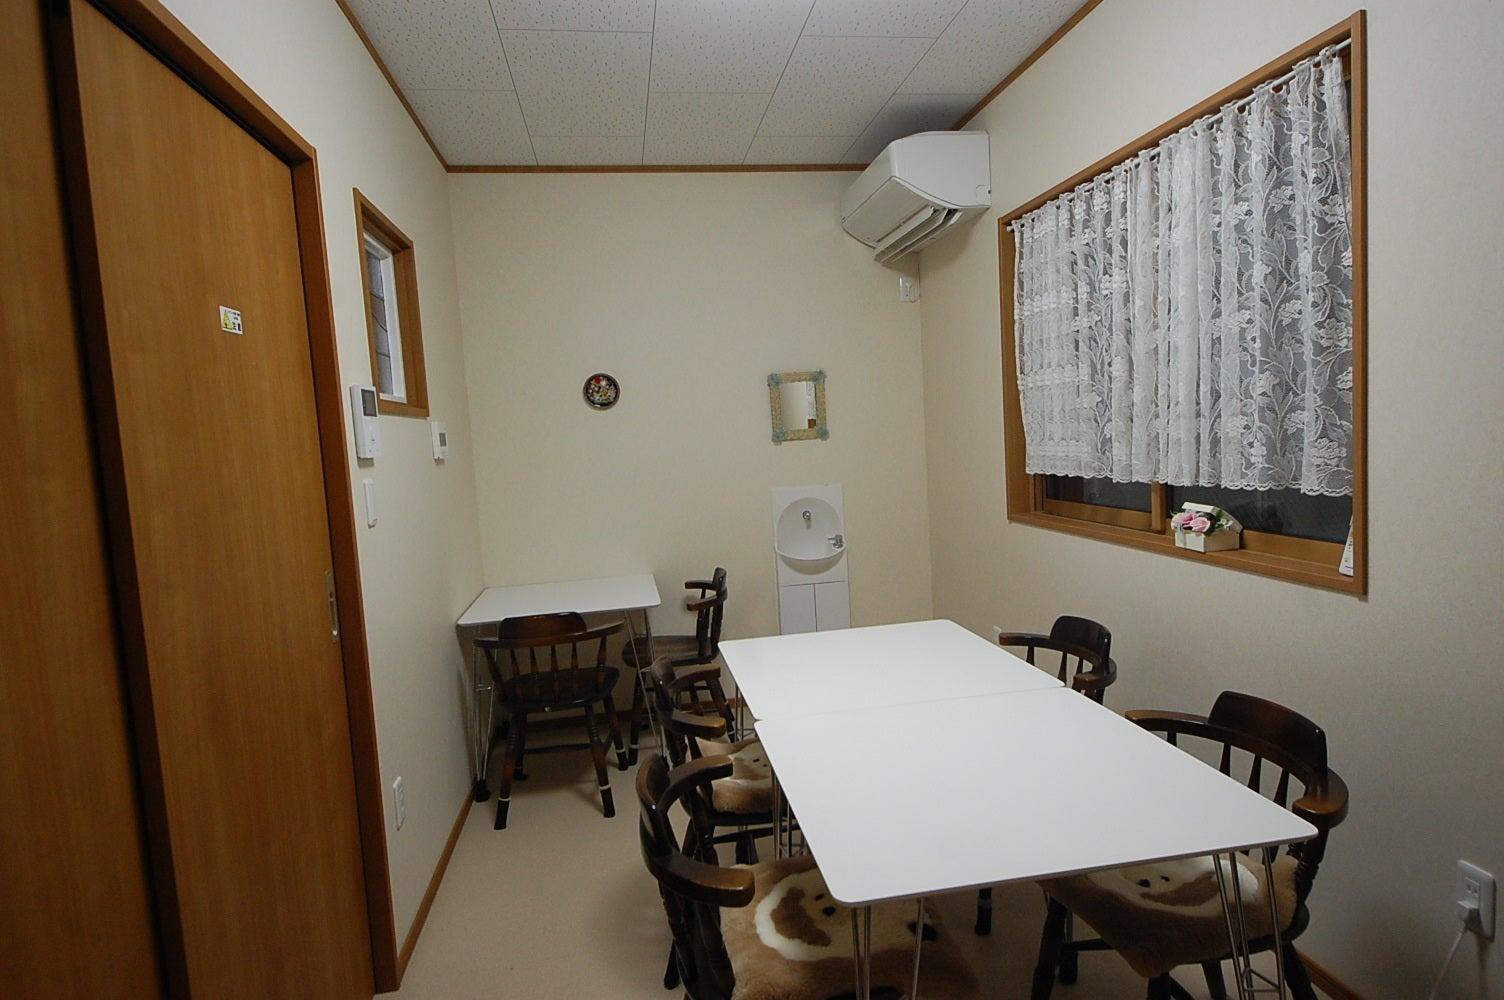 【中部屋】(収容人数6名程度)レンタルサロン美明日 会議・面接・女子会などに! の写真